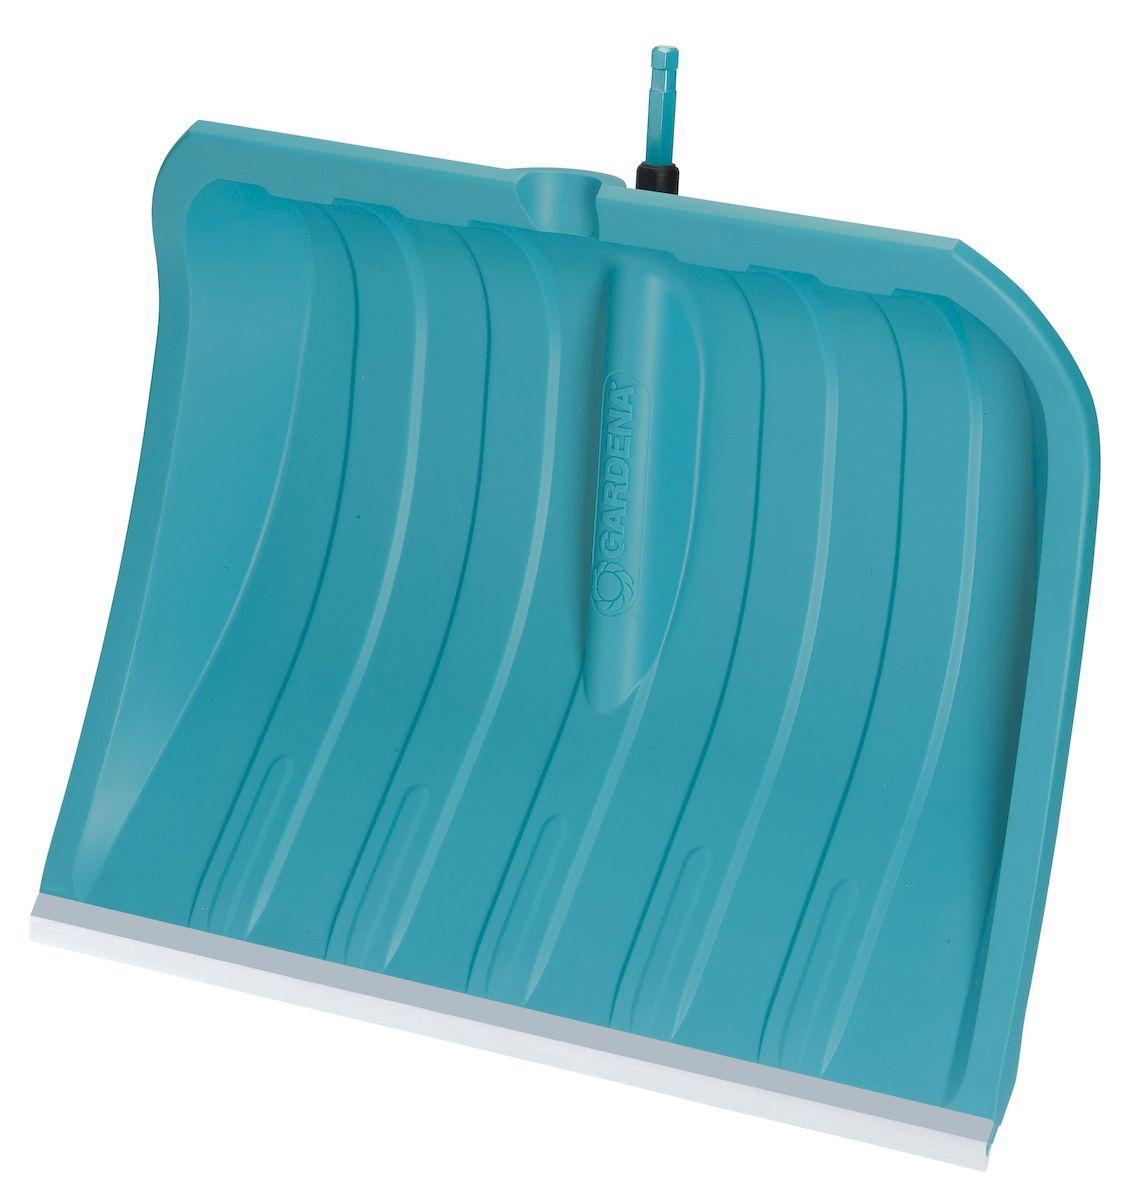 Лопата для уборки снега Gardena c кромкой из нержавеющей стали, без ручки, ширина 50 см03243-20.000.00Благодаря легкому и прочному пластиковому полотну шириной 50 см, лопата для уборки снега Gardena оптимально подходит для расчистки различных территорий и дорожек от снега. Широкие ребра пластикового полотна обеспечивают легкое скольжение лопаты, а гладкая структура поверхности полотна предотвращает налипание снега. Высокие боковые стенки позволяют легко удерживать снег на лопате во время переноски, при этом снег не соскальзывает сбоку. Пластиковое полотно чрезвычайно устойчиво к воздействию солей и выдерживает отрицательные температуры до - 40 °C. Благодаря кромке из нержавеющей стали, эта лопата для уборки снега идеально подходит для расчистки от снега таких поверхностей, как асфальт и бетон. Лопата для уборки подходит ко всем ручкам. Рабочая ширина лопаты - 50 см.